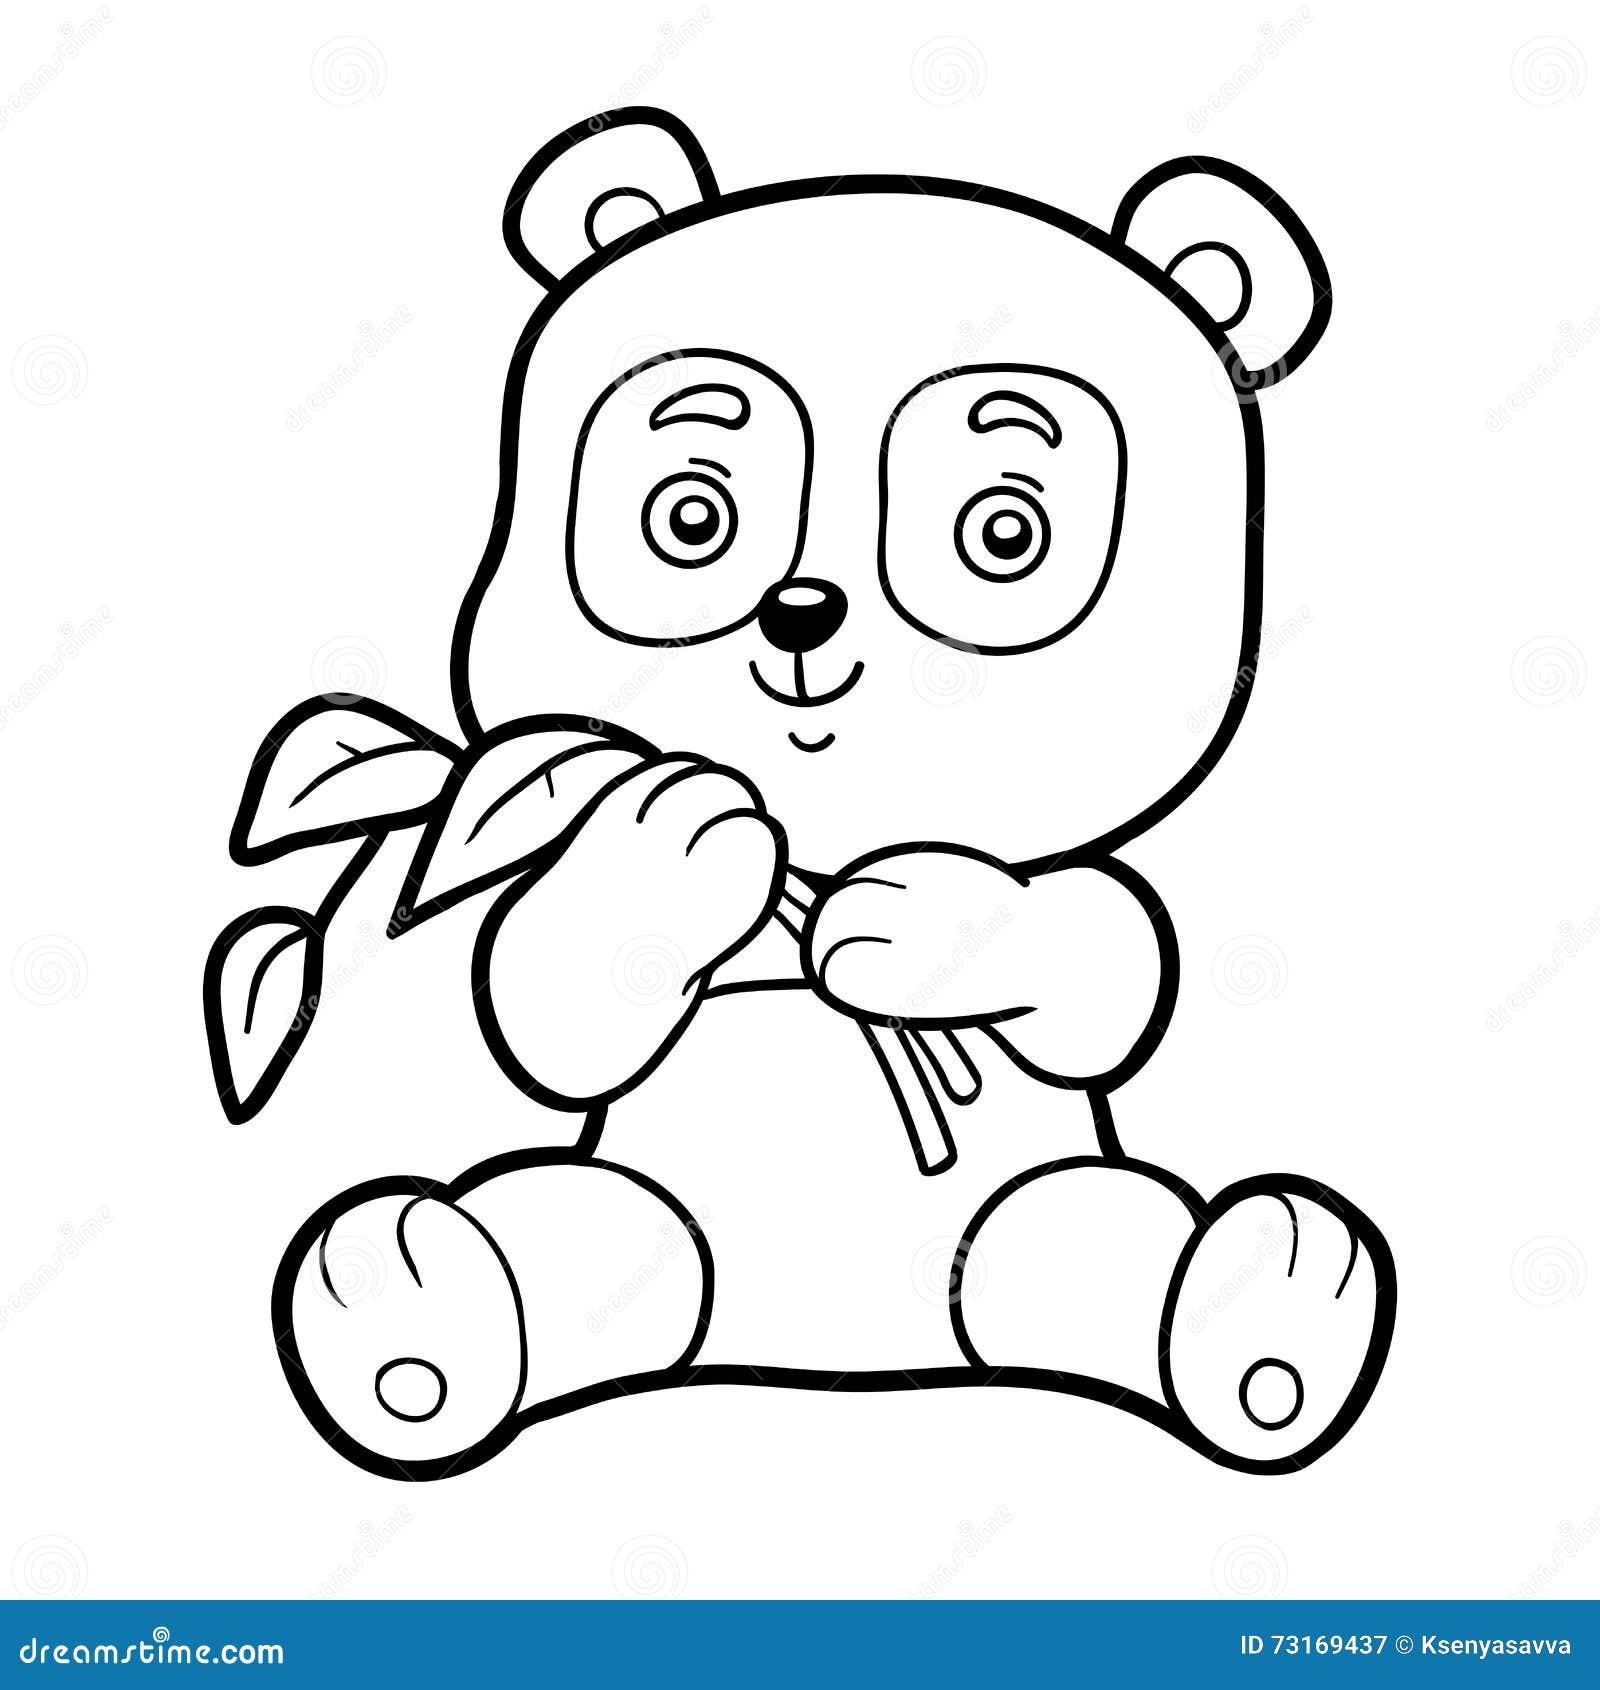 Livre de coloriage pour des enfants petit panda illustration de vecteur illustration du - Coloriage petit panda ...